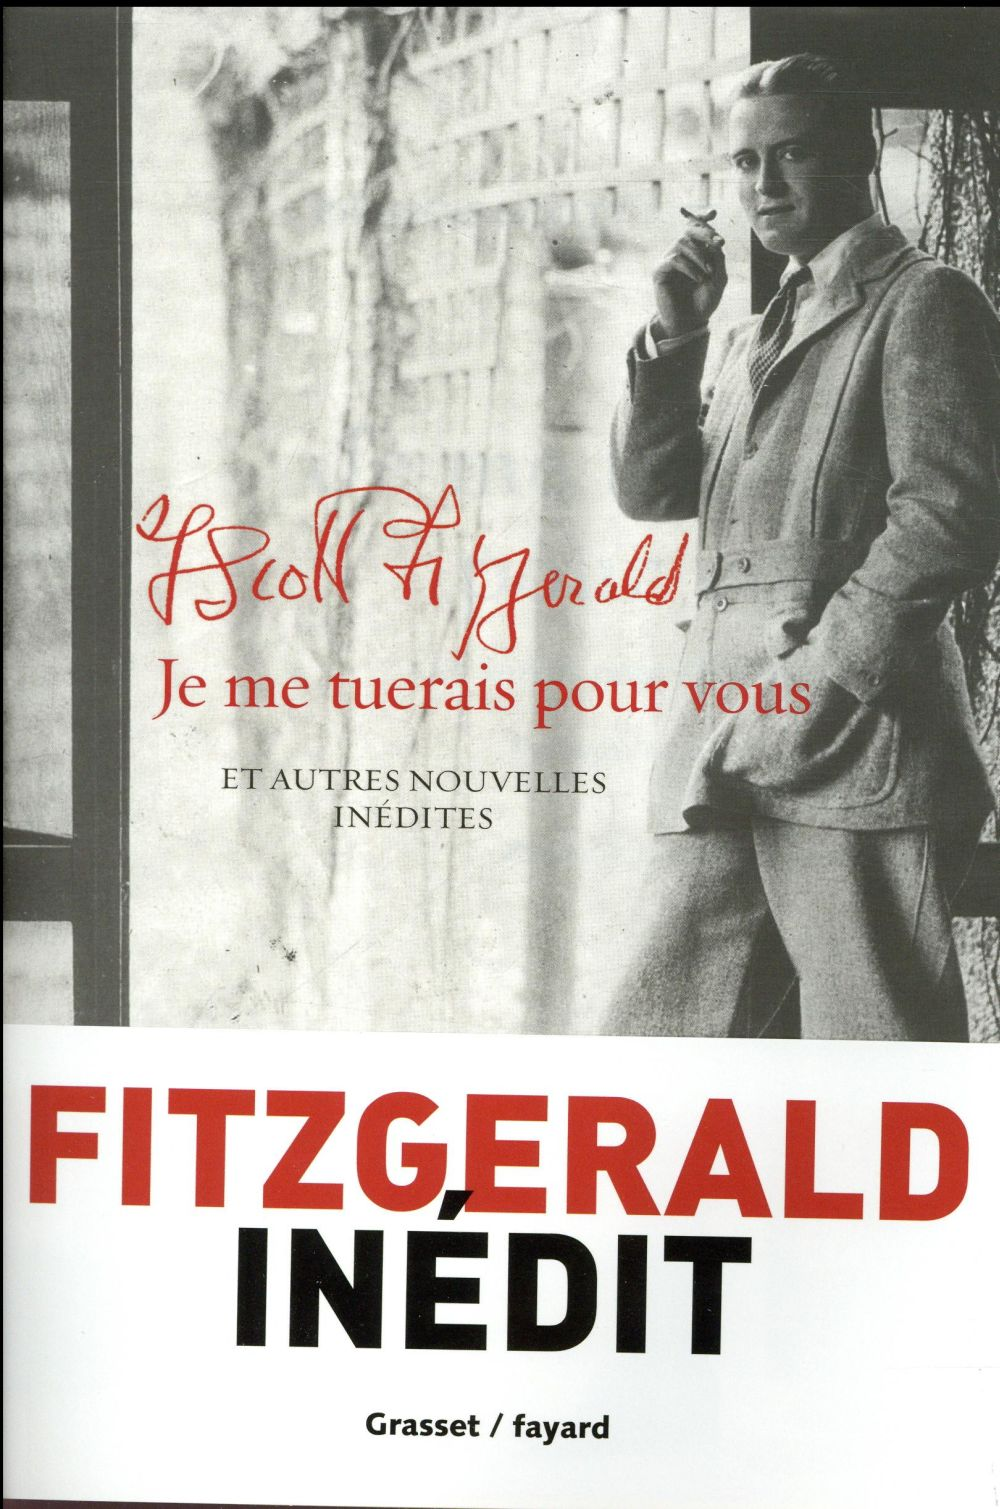 Fitzgerald Francis Scott - JE ME TUERAIS POUR VOUS